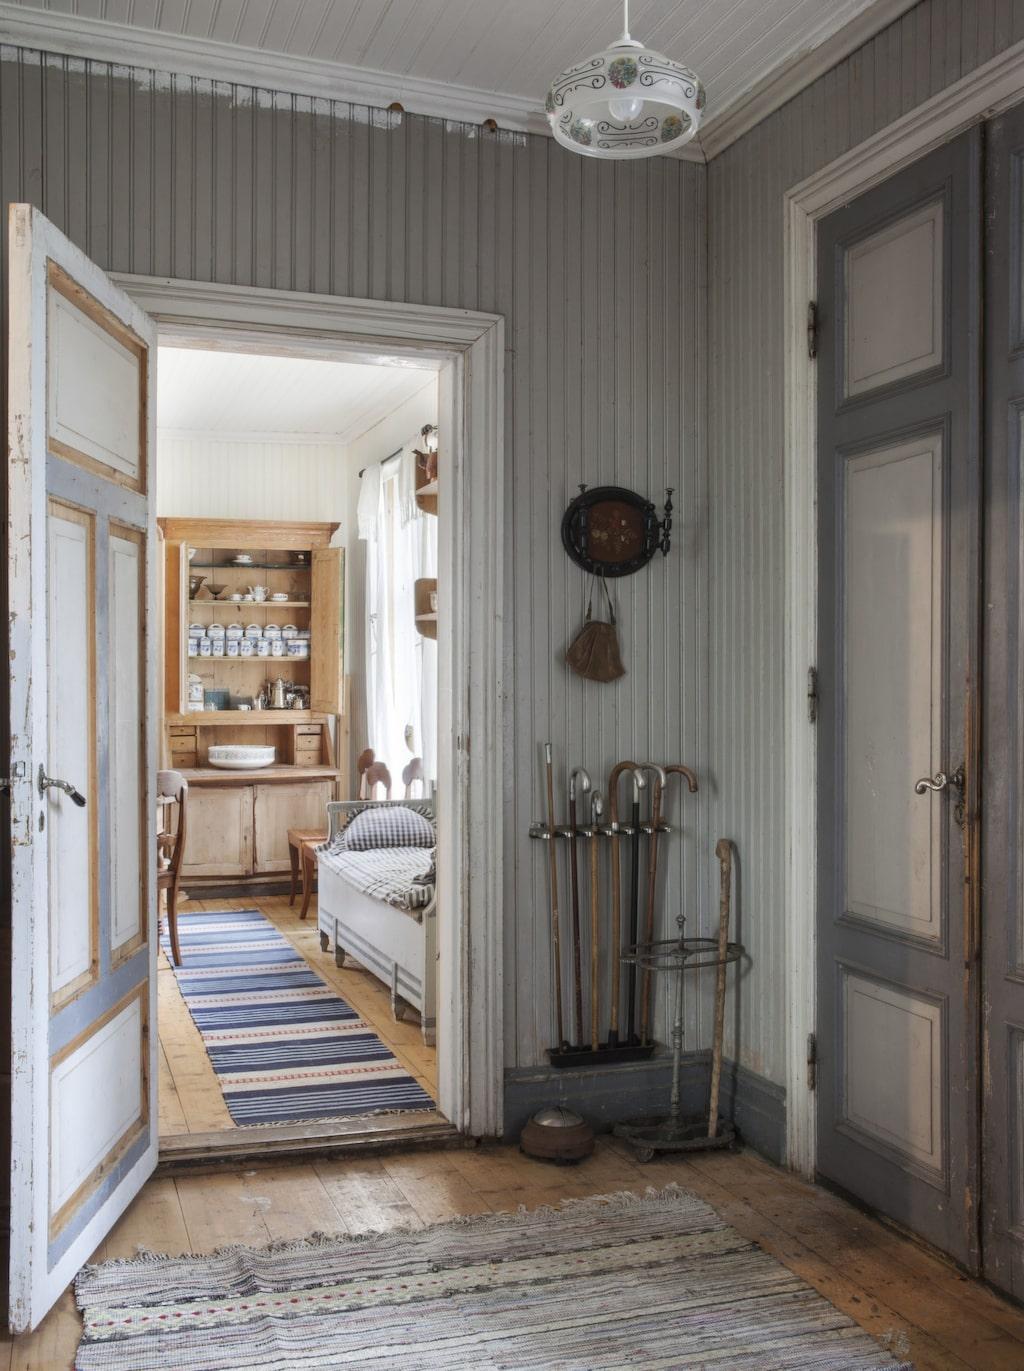 Original. Det finns en stillhet i huset, en känsla av förr i tiden. Det riktigt sitter i väggarna.